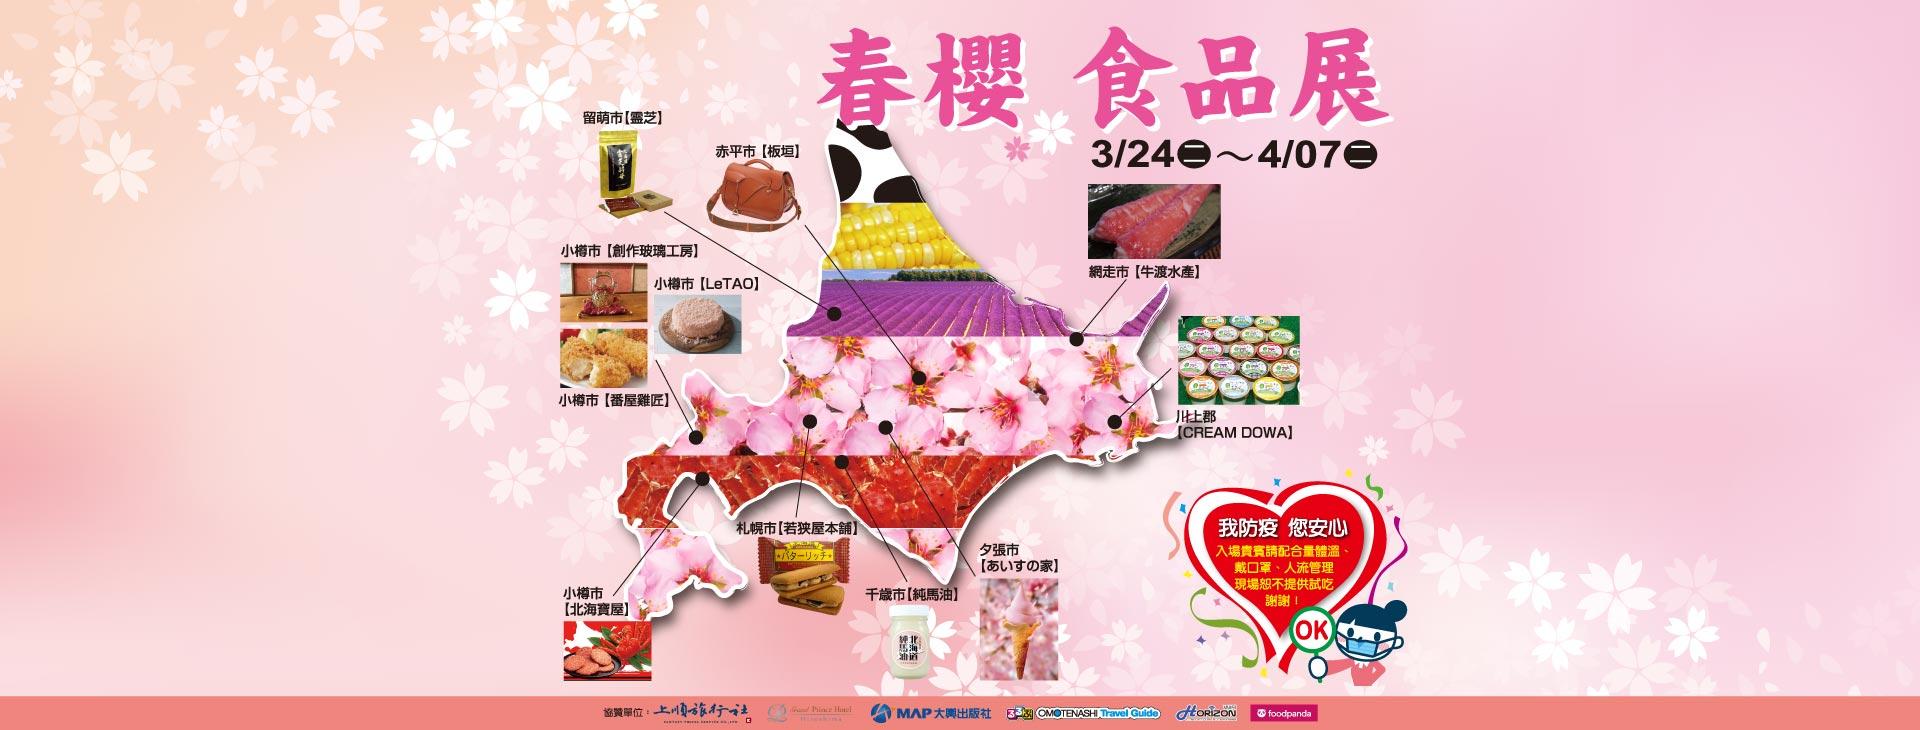 春櫻 食品展